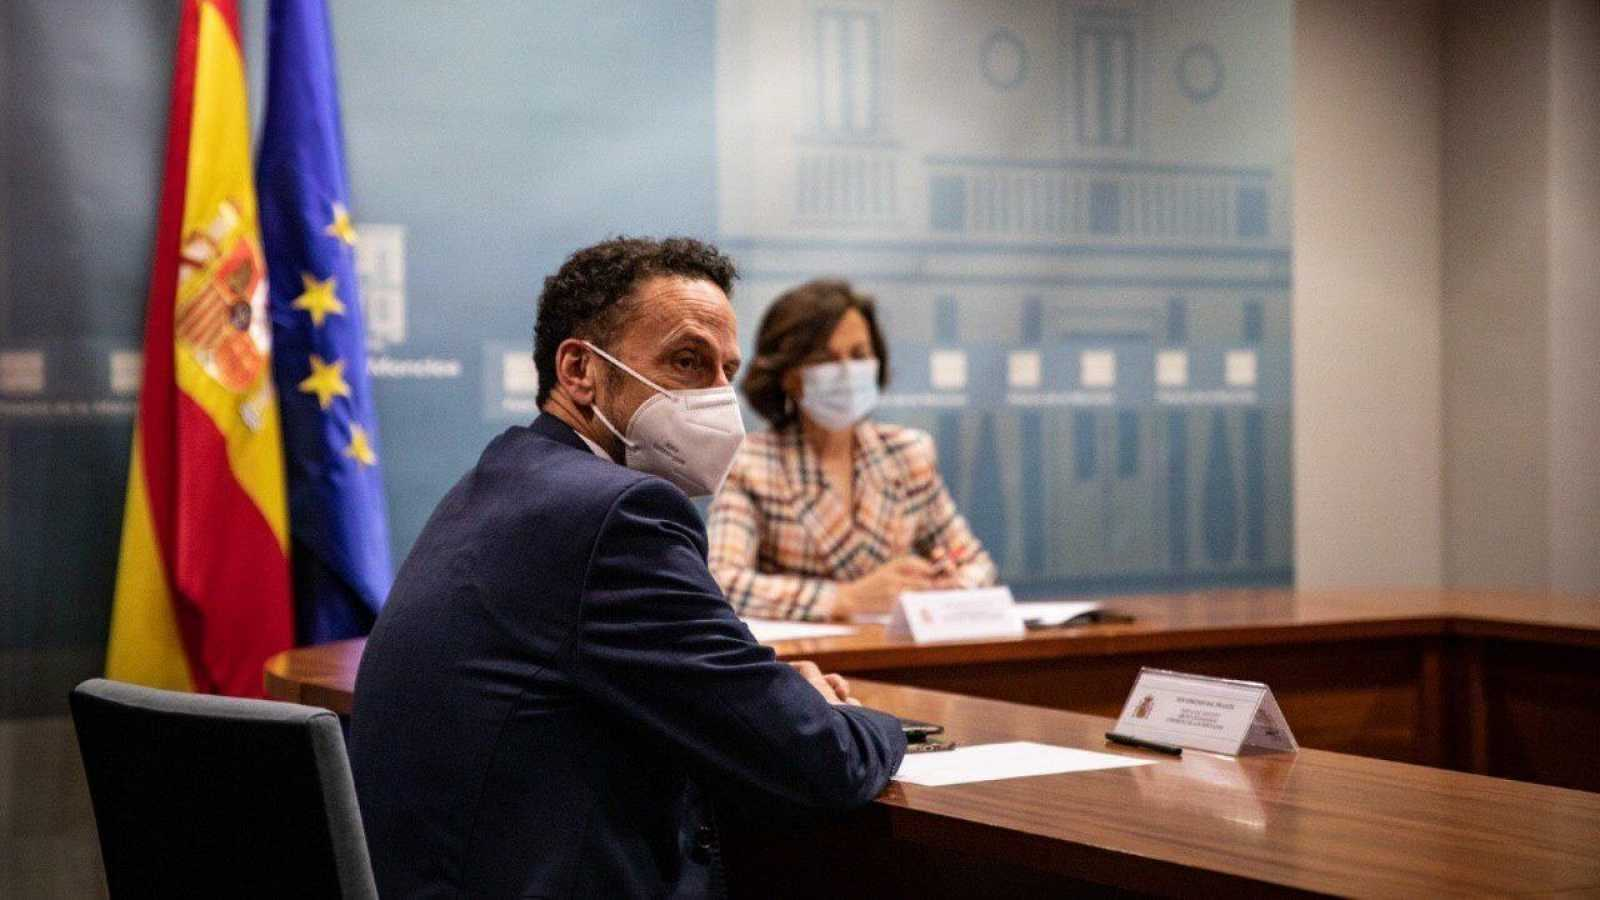 La vicepresidenta primera, Carmen Calvo, y el portavoz adjunto de Ciudadanos en el Congreso, Edmundo Bal, en sui reunión de junio